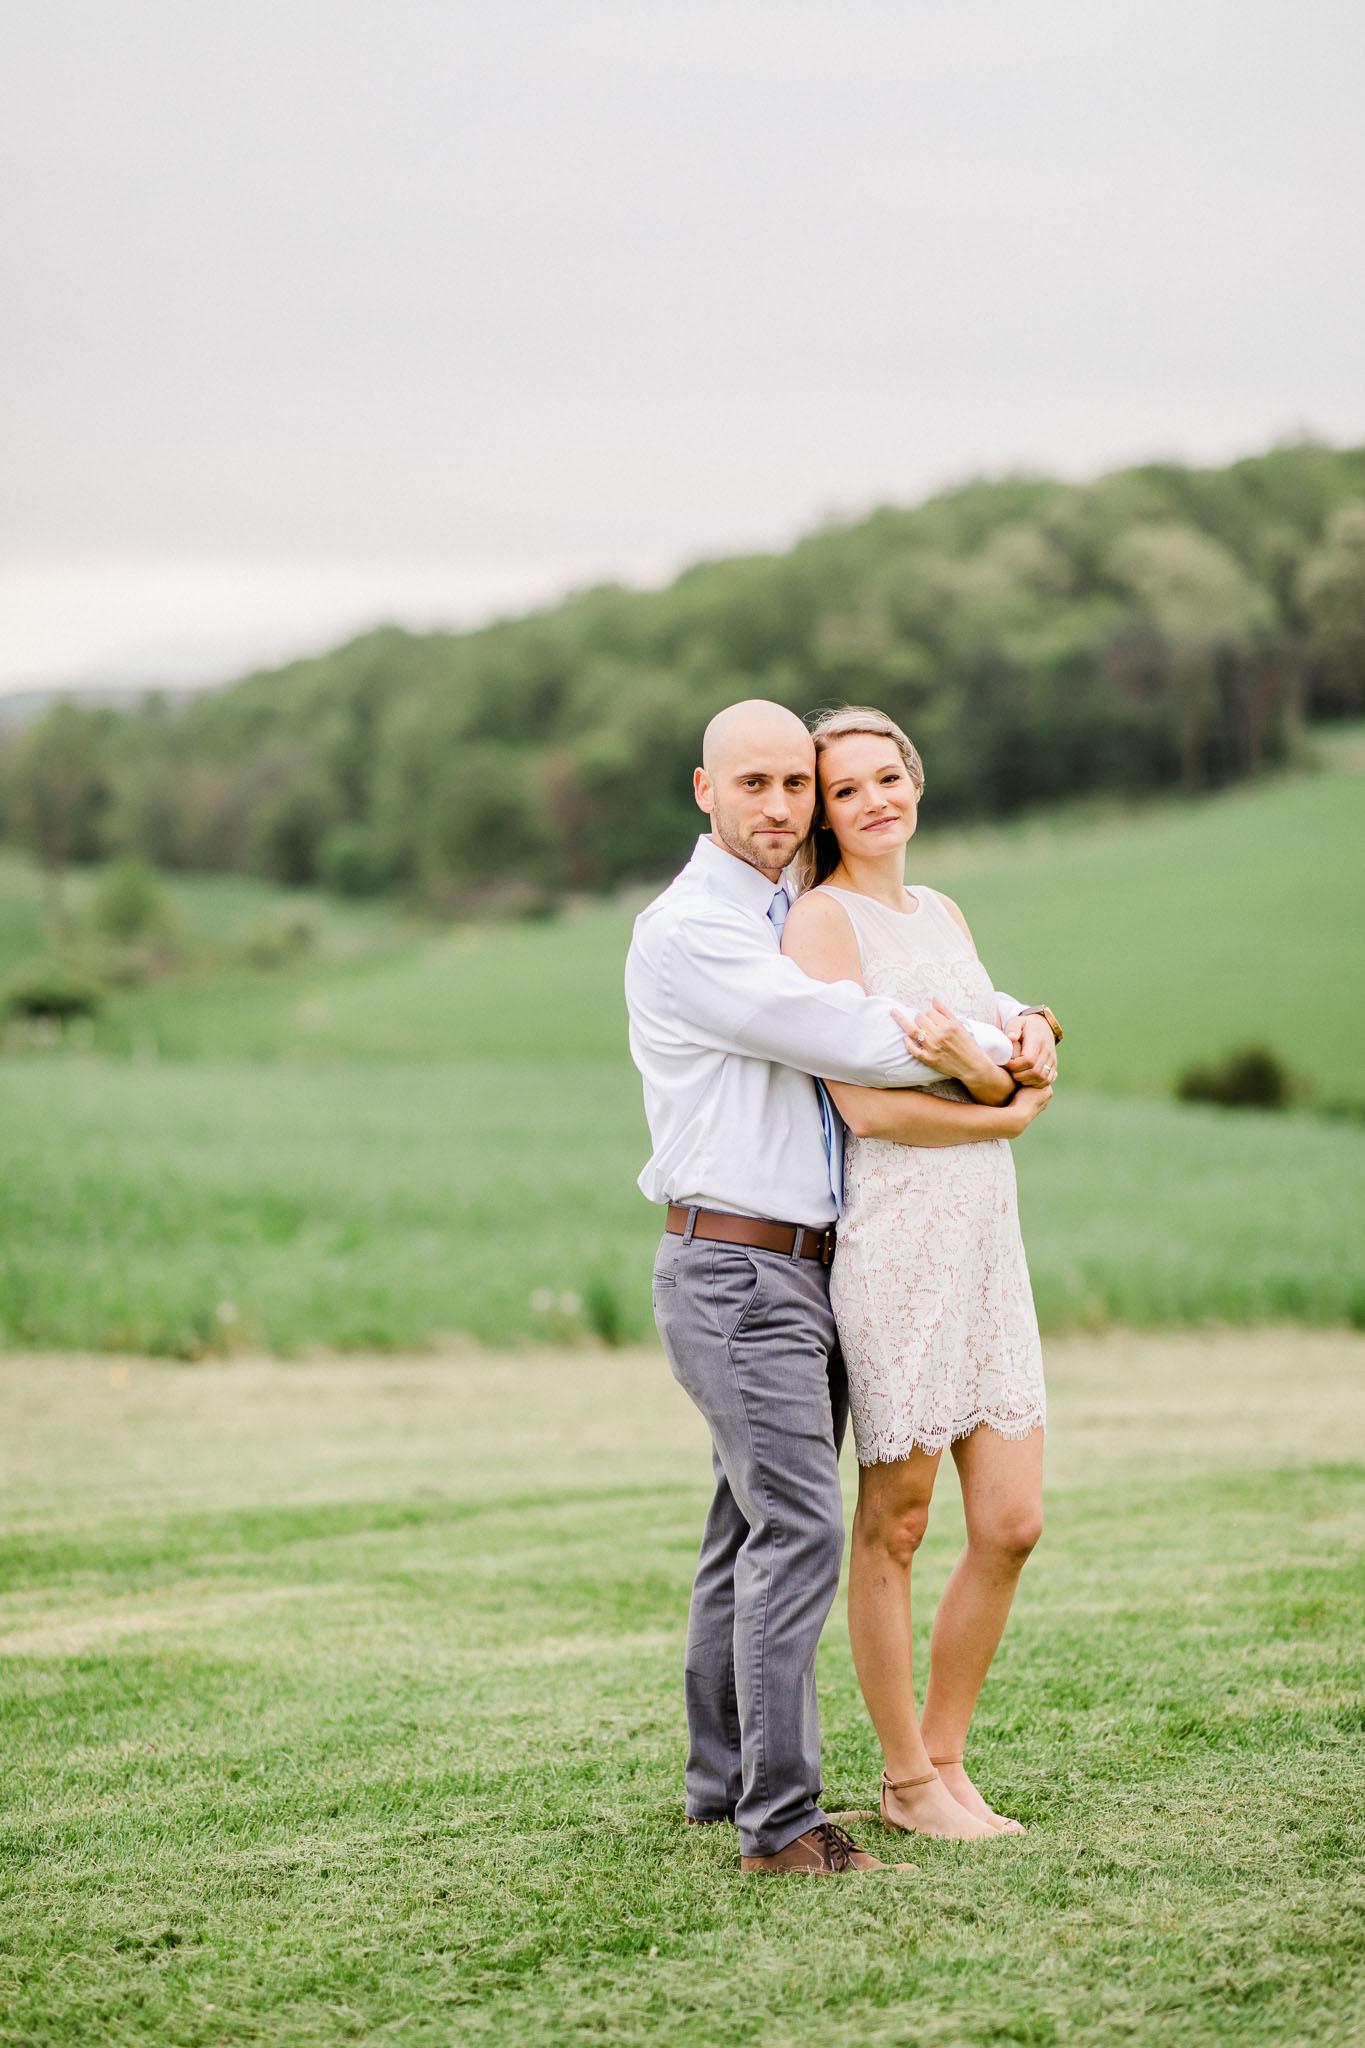 Danville-elopement-5114.jpg